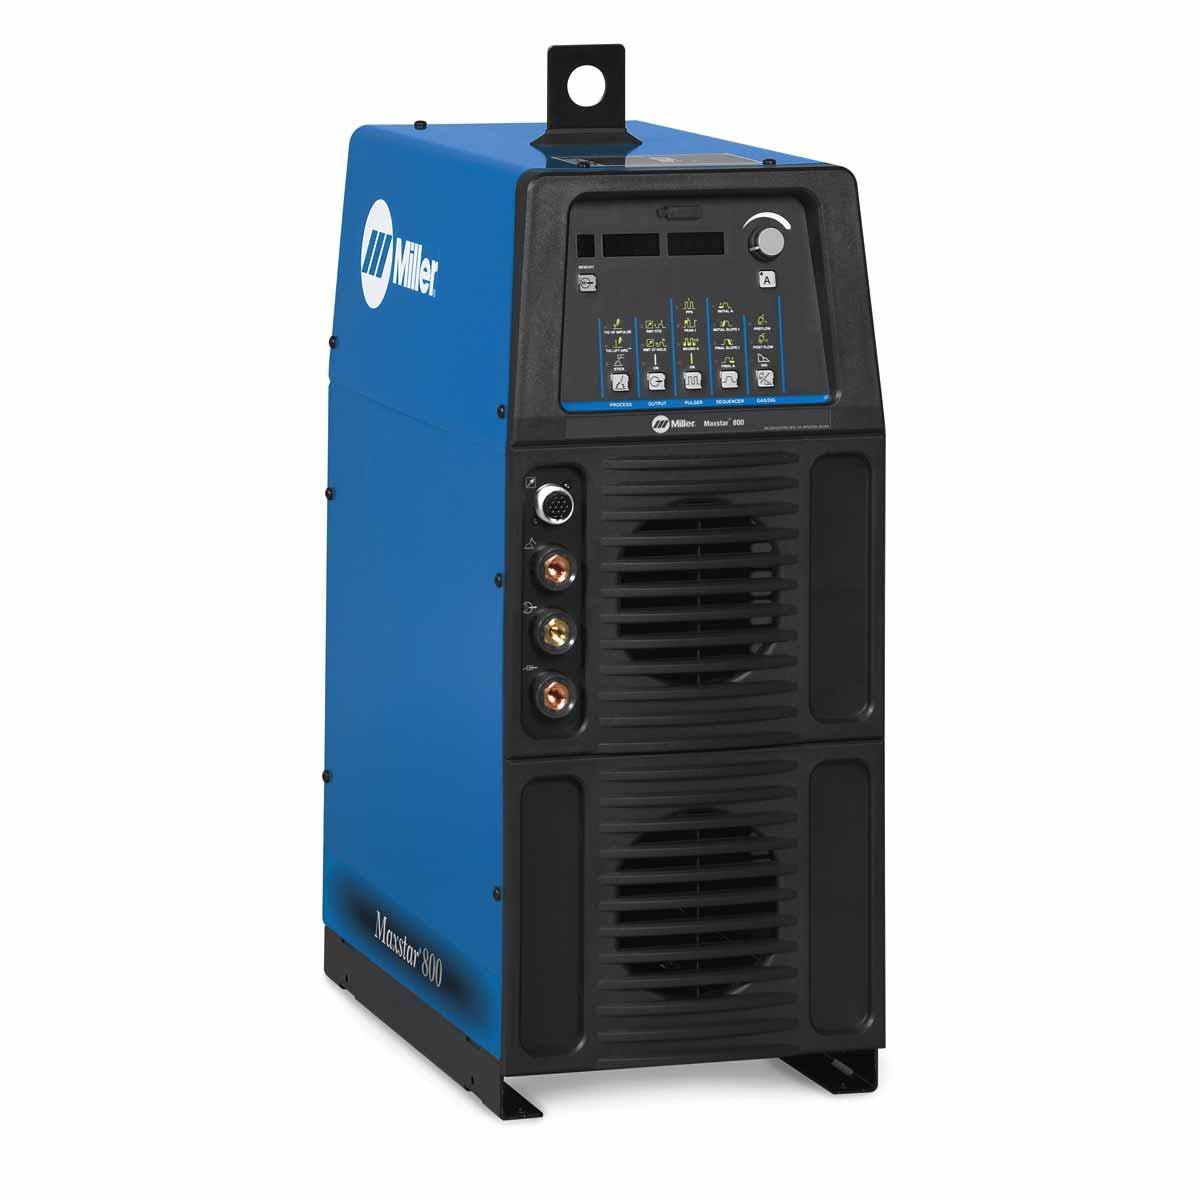 Equipo de Soldar Multiproceso Miller Maxstar 800